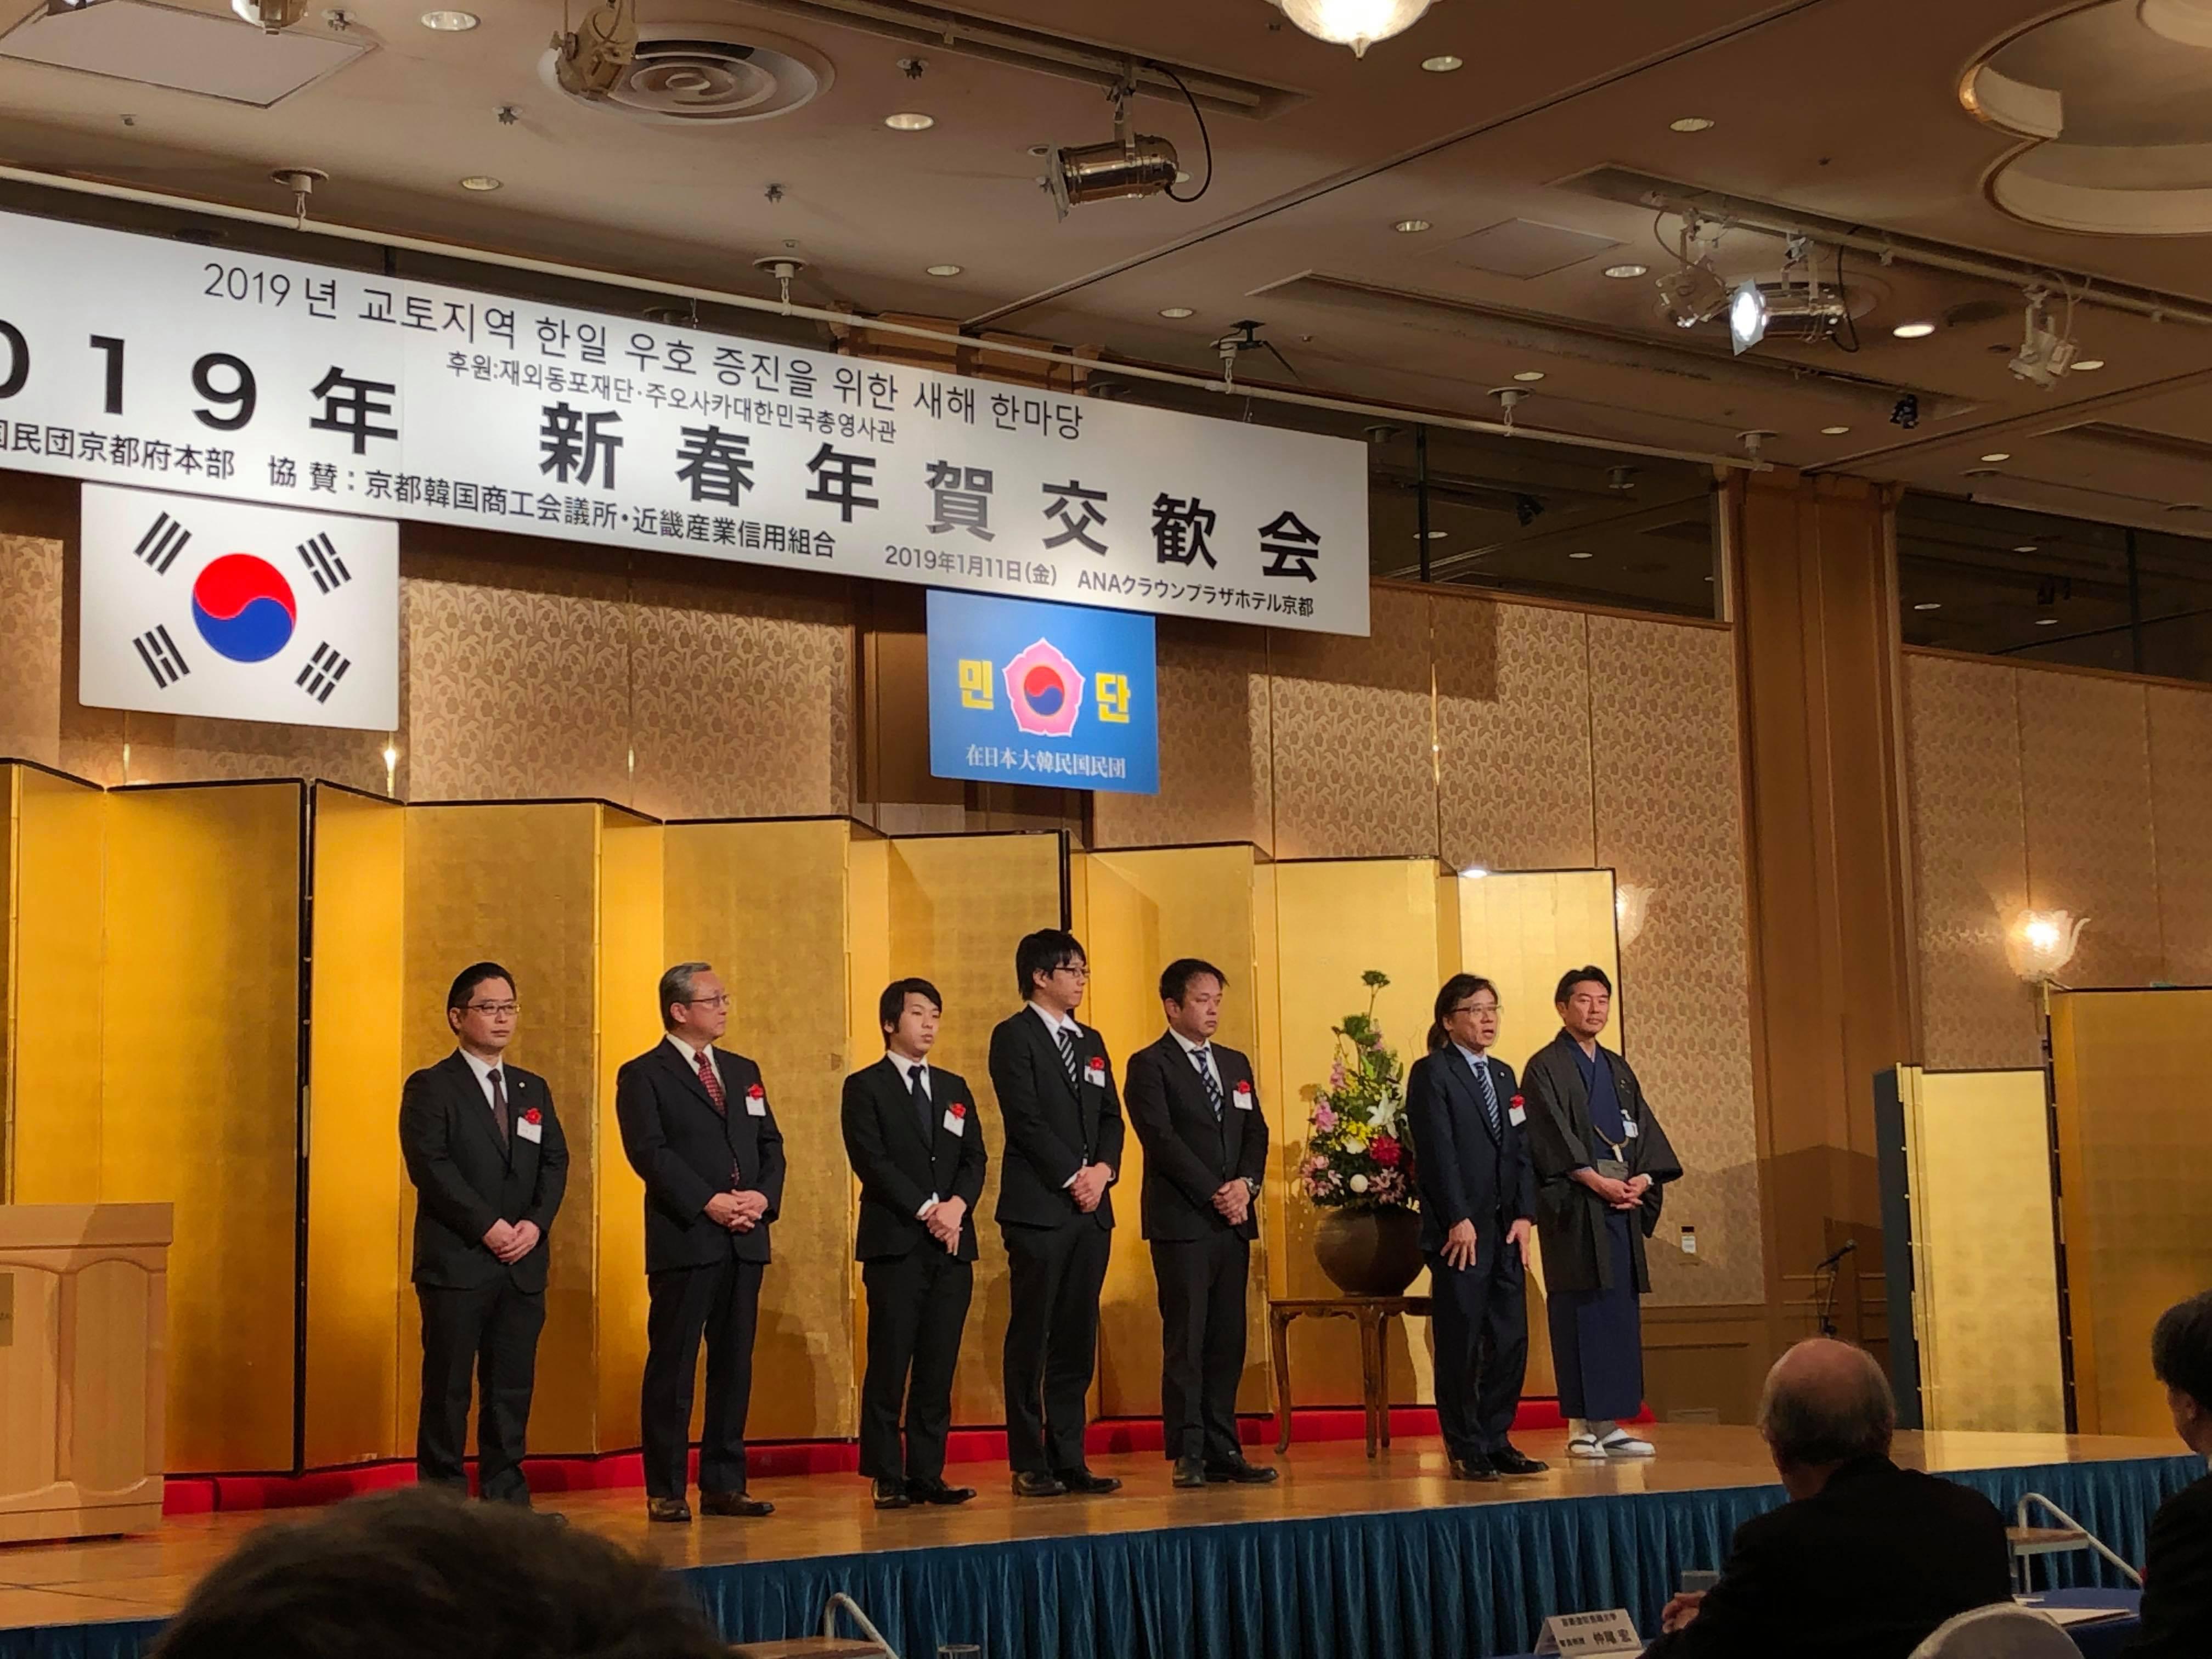 http://www.inoue-satoshi.com/diary/49719569_139796630252561_2704166363668152320_n.jpg